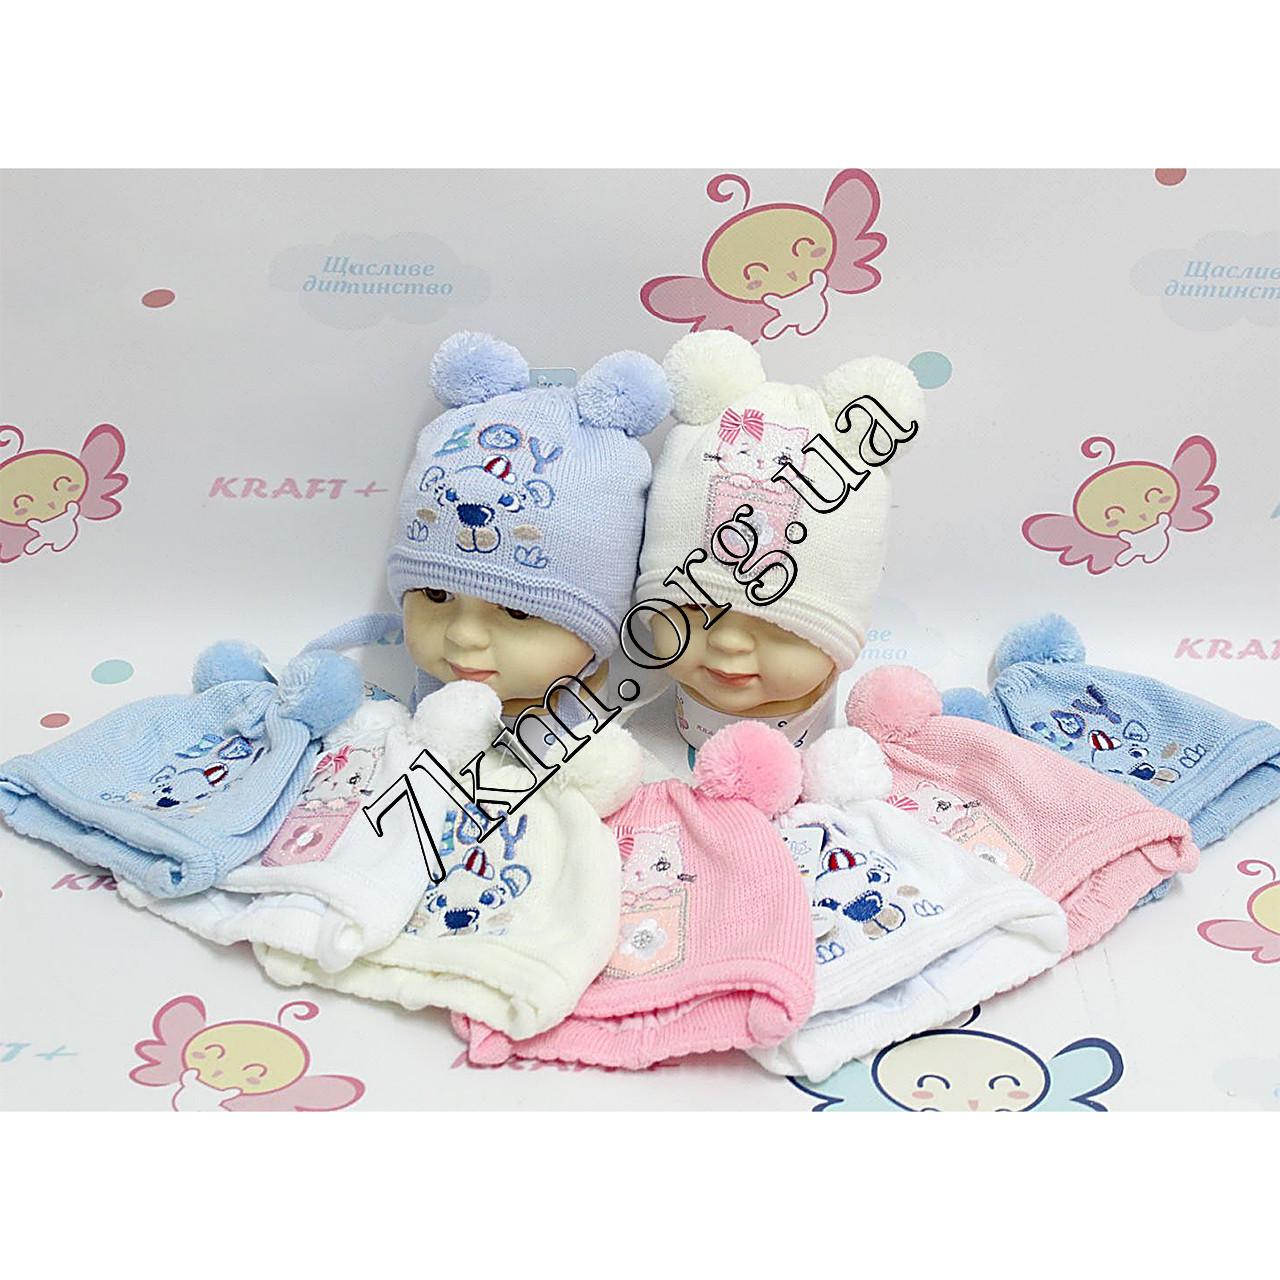 Шапка детская вязка завязки +подкладка для девочек и мальчиков 36-38 р.р. Украина Оптом 2227